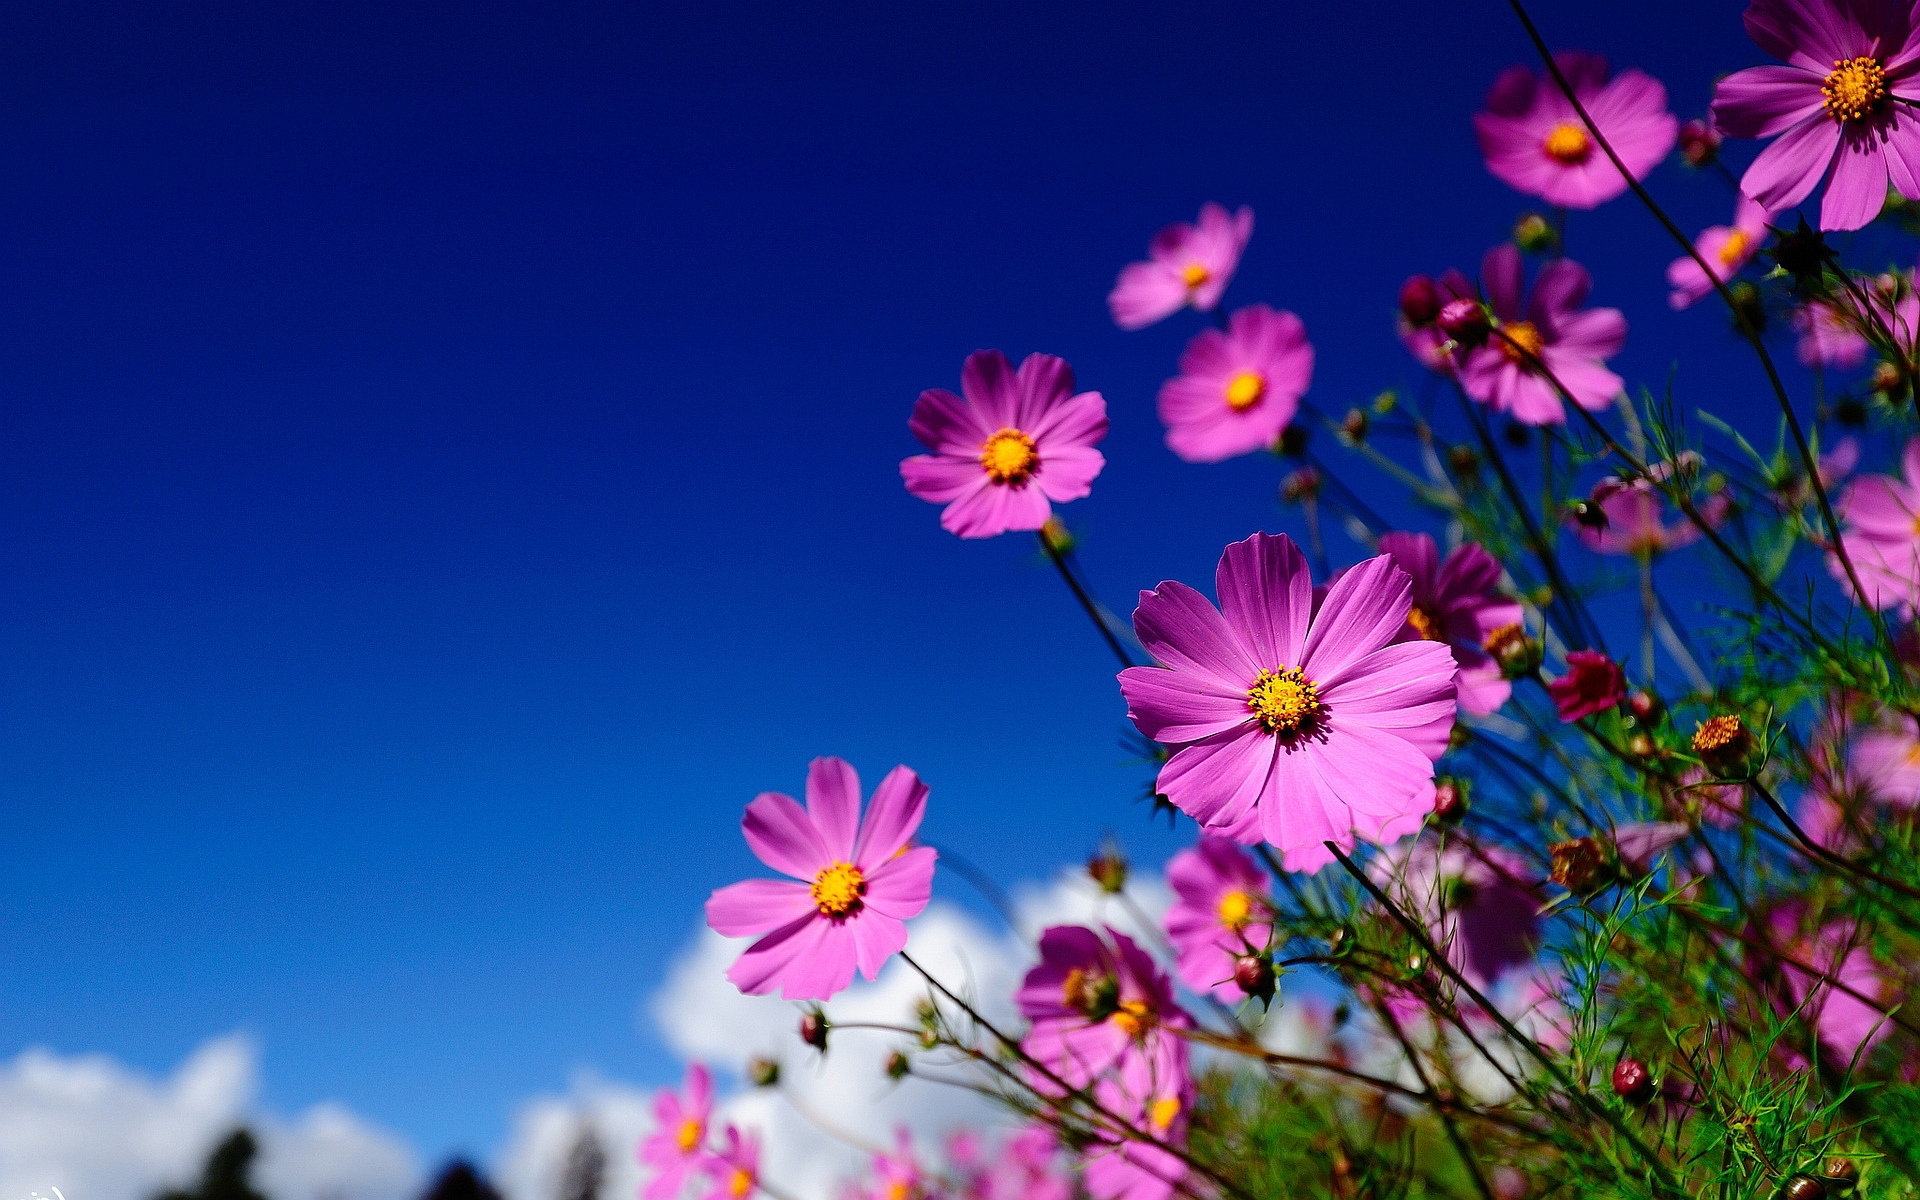 Pink Flowers In Summer 6 Free Wallpaper Hdflowerwallpaper